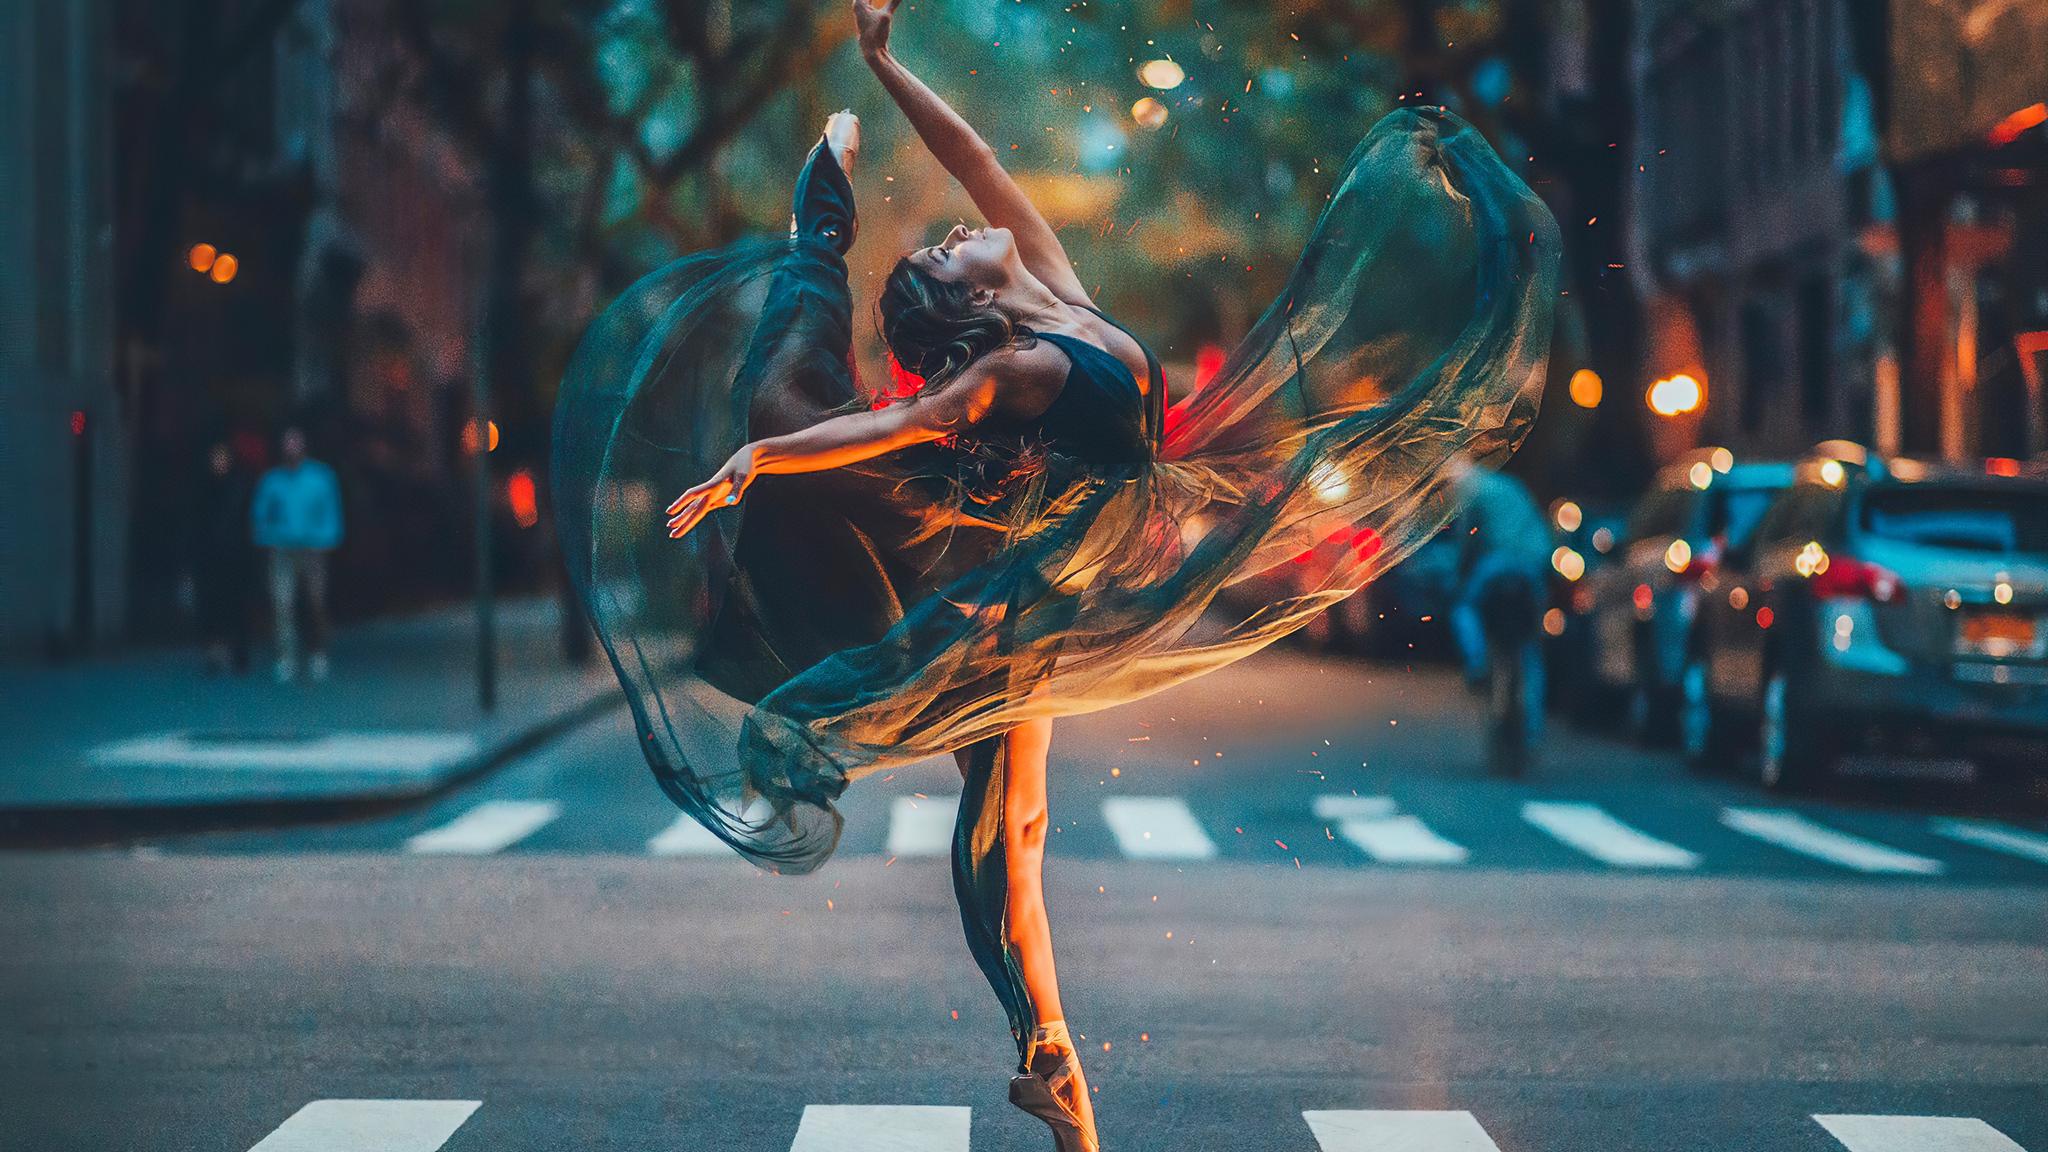 https://images.hdqwalls.com/download/ballet-dancer-girl-road-4k-g2-2048x1152.jpg